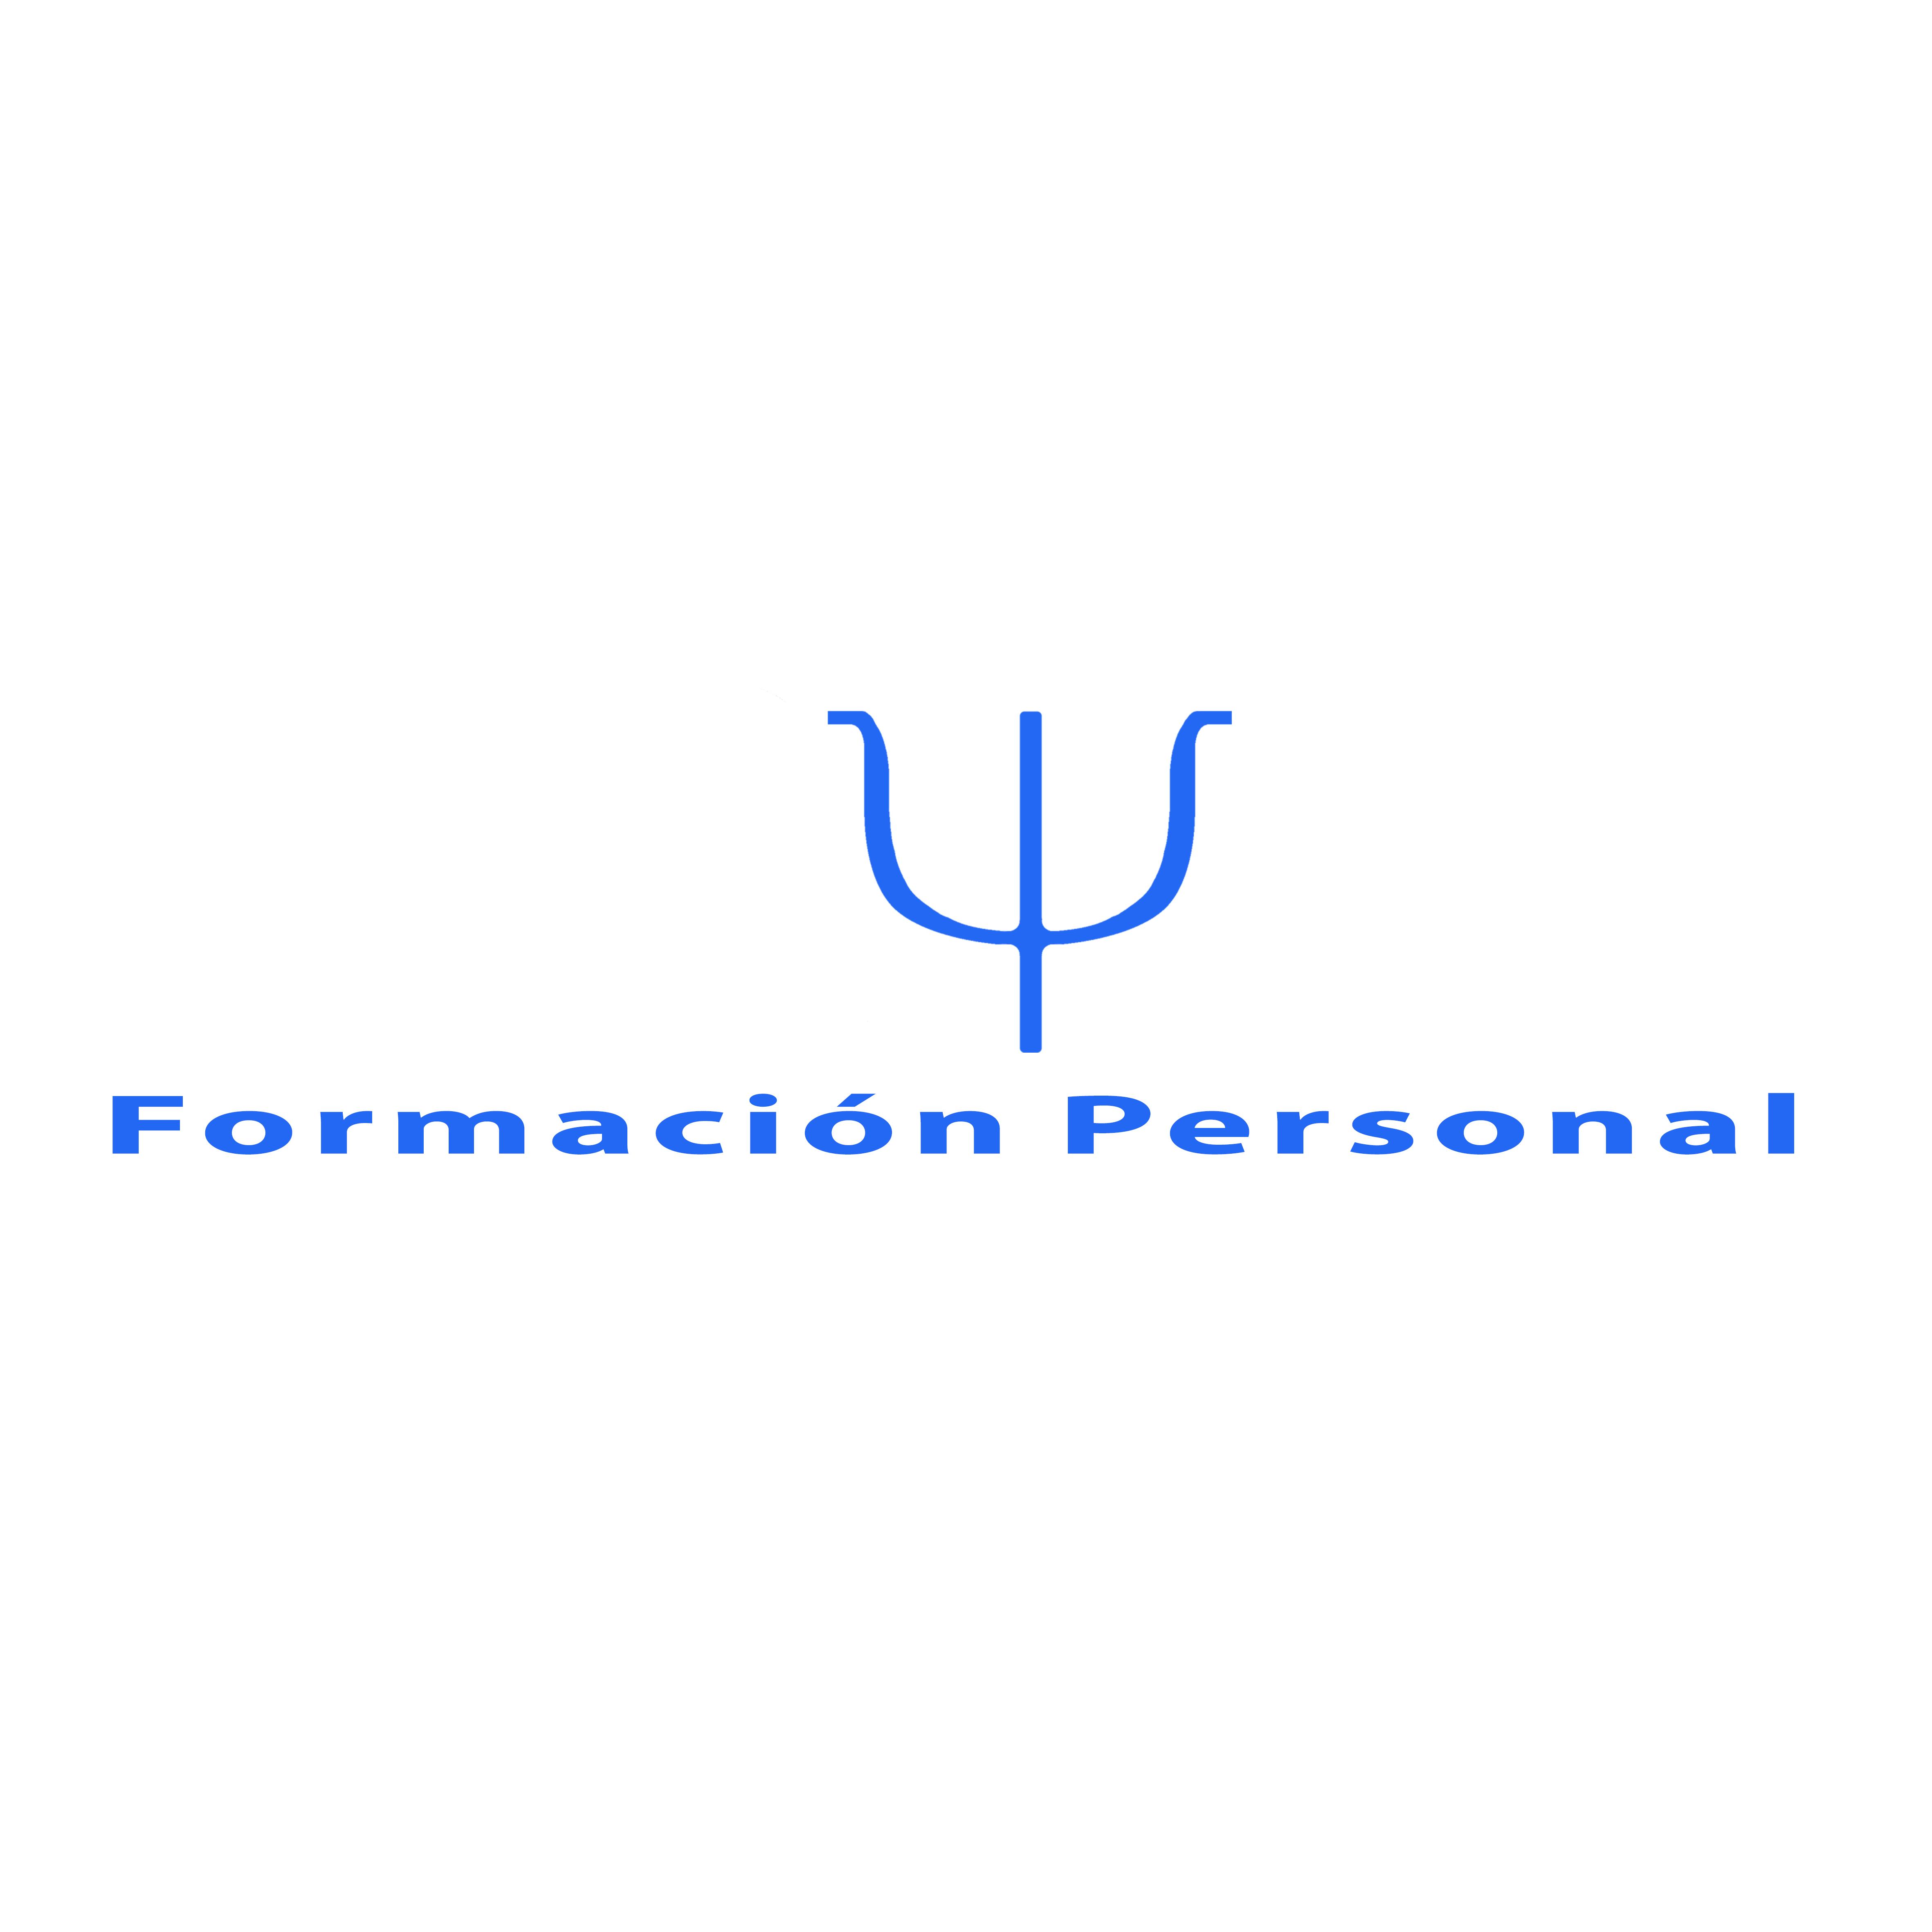 Formación Personal